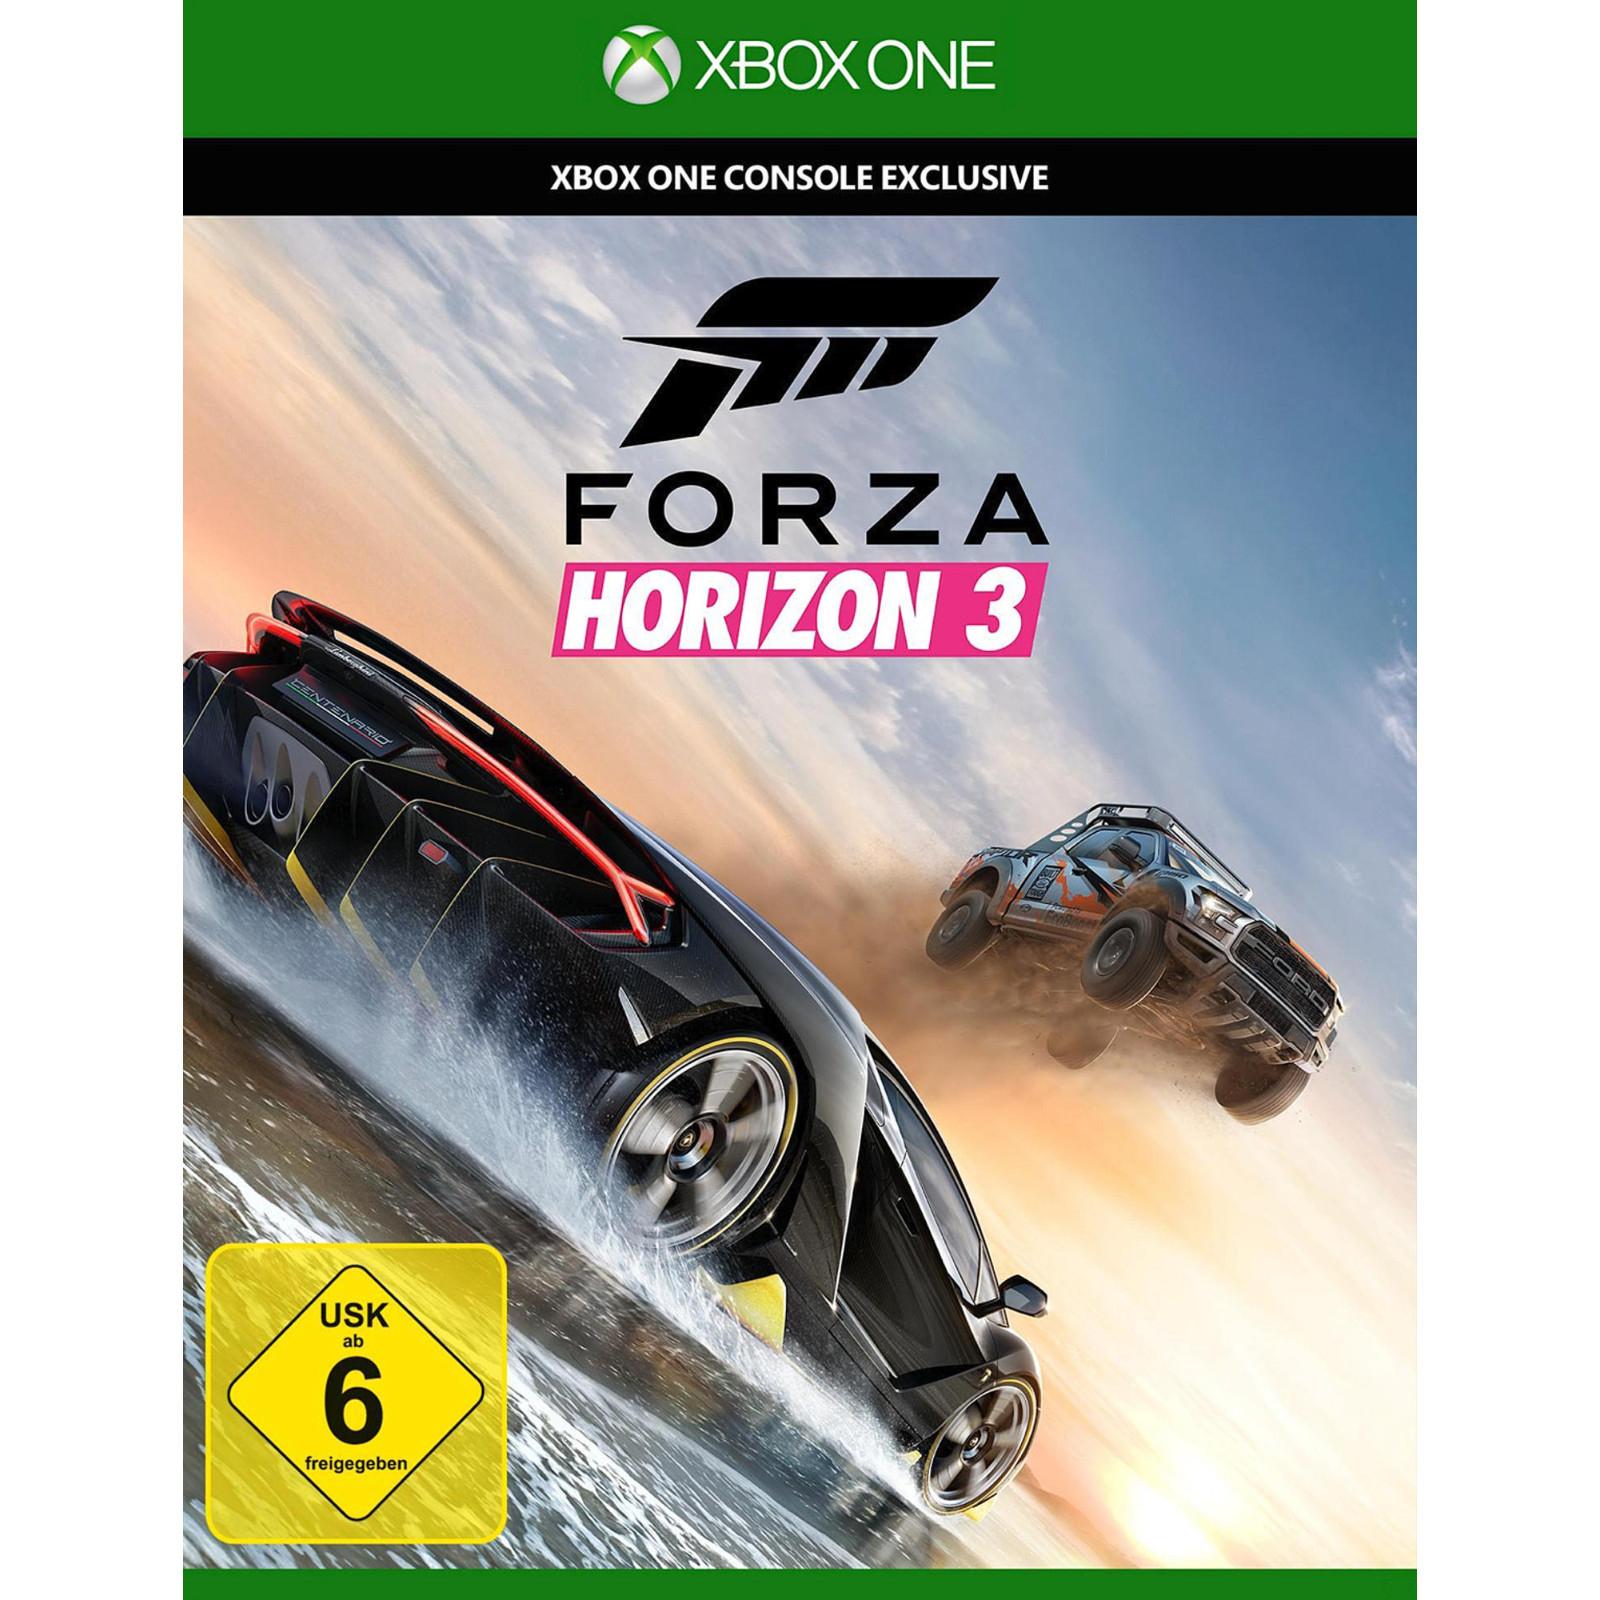 Forza Horizon 3 - Xbox One für 13,80€ inkl. Versandkosten